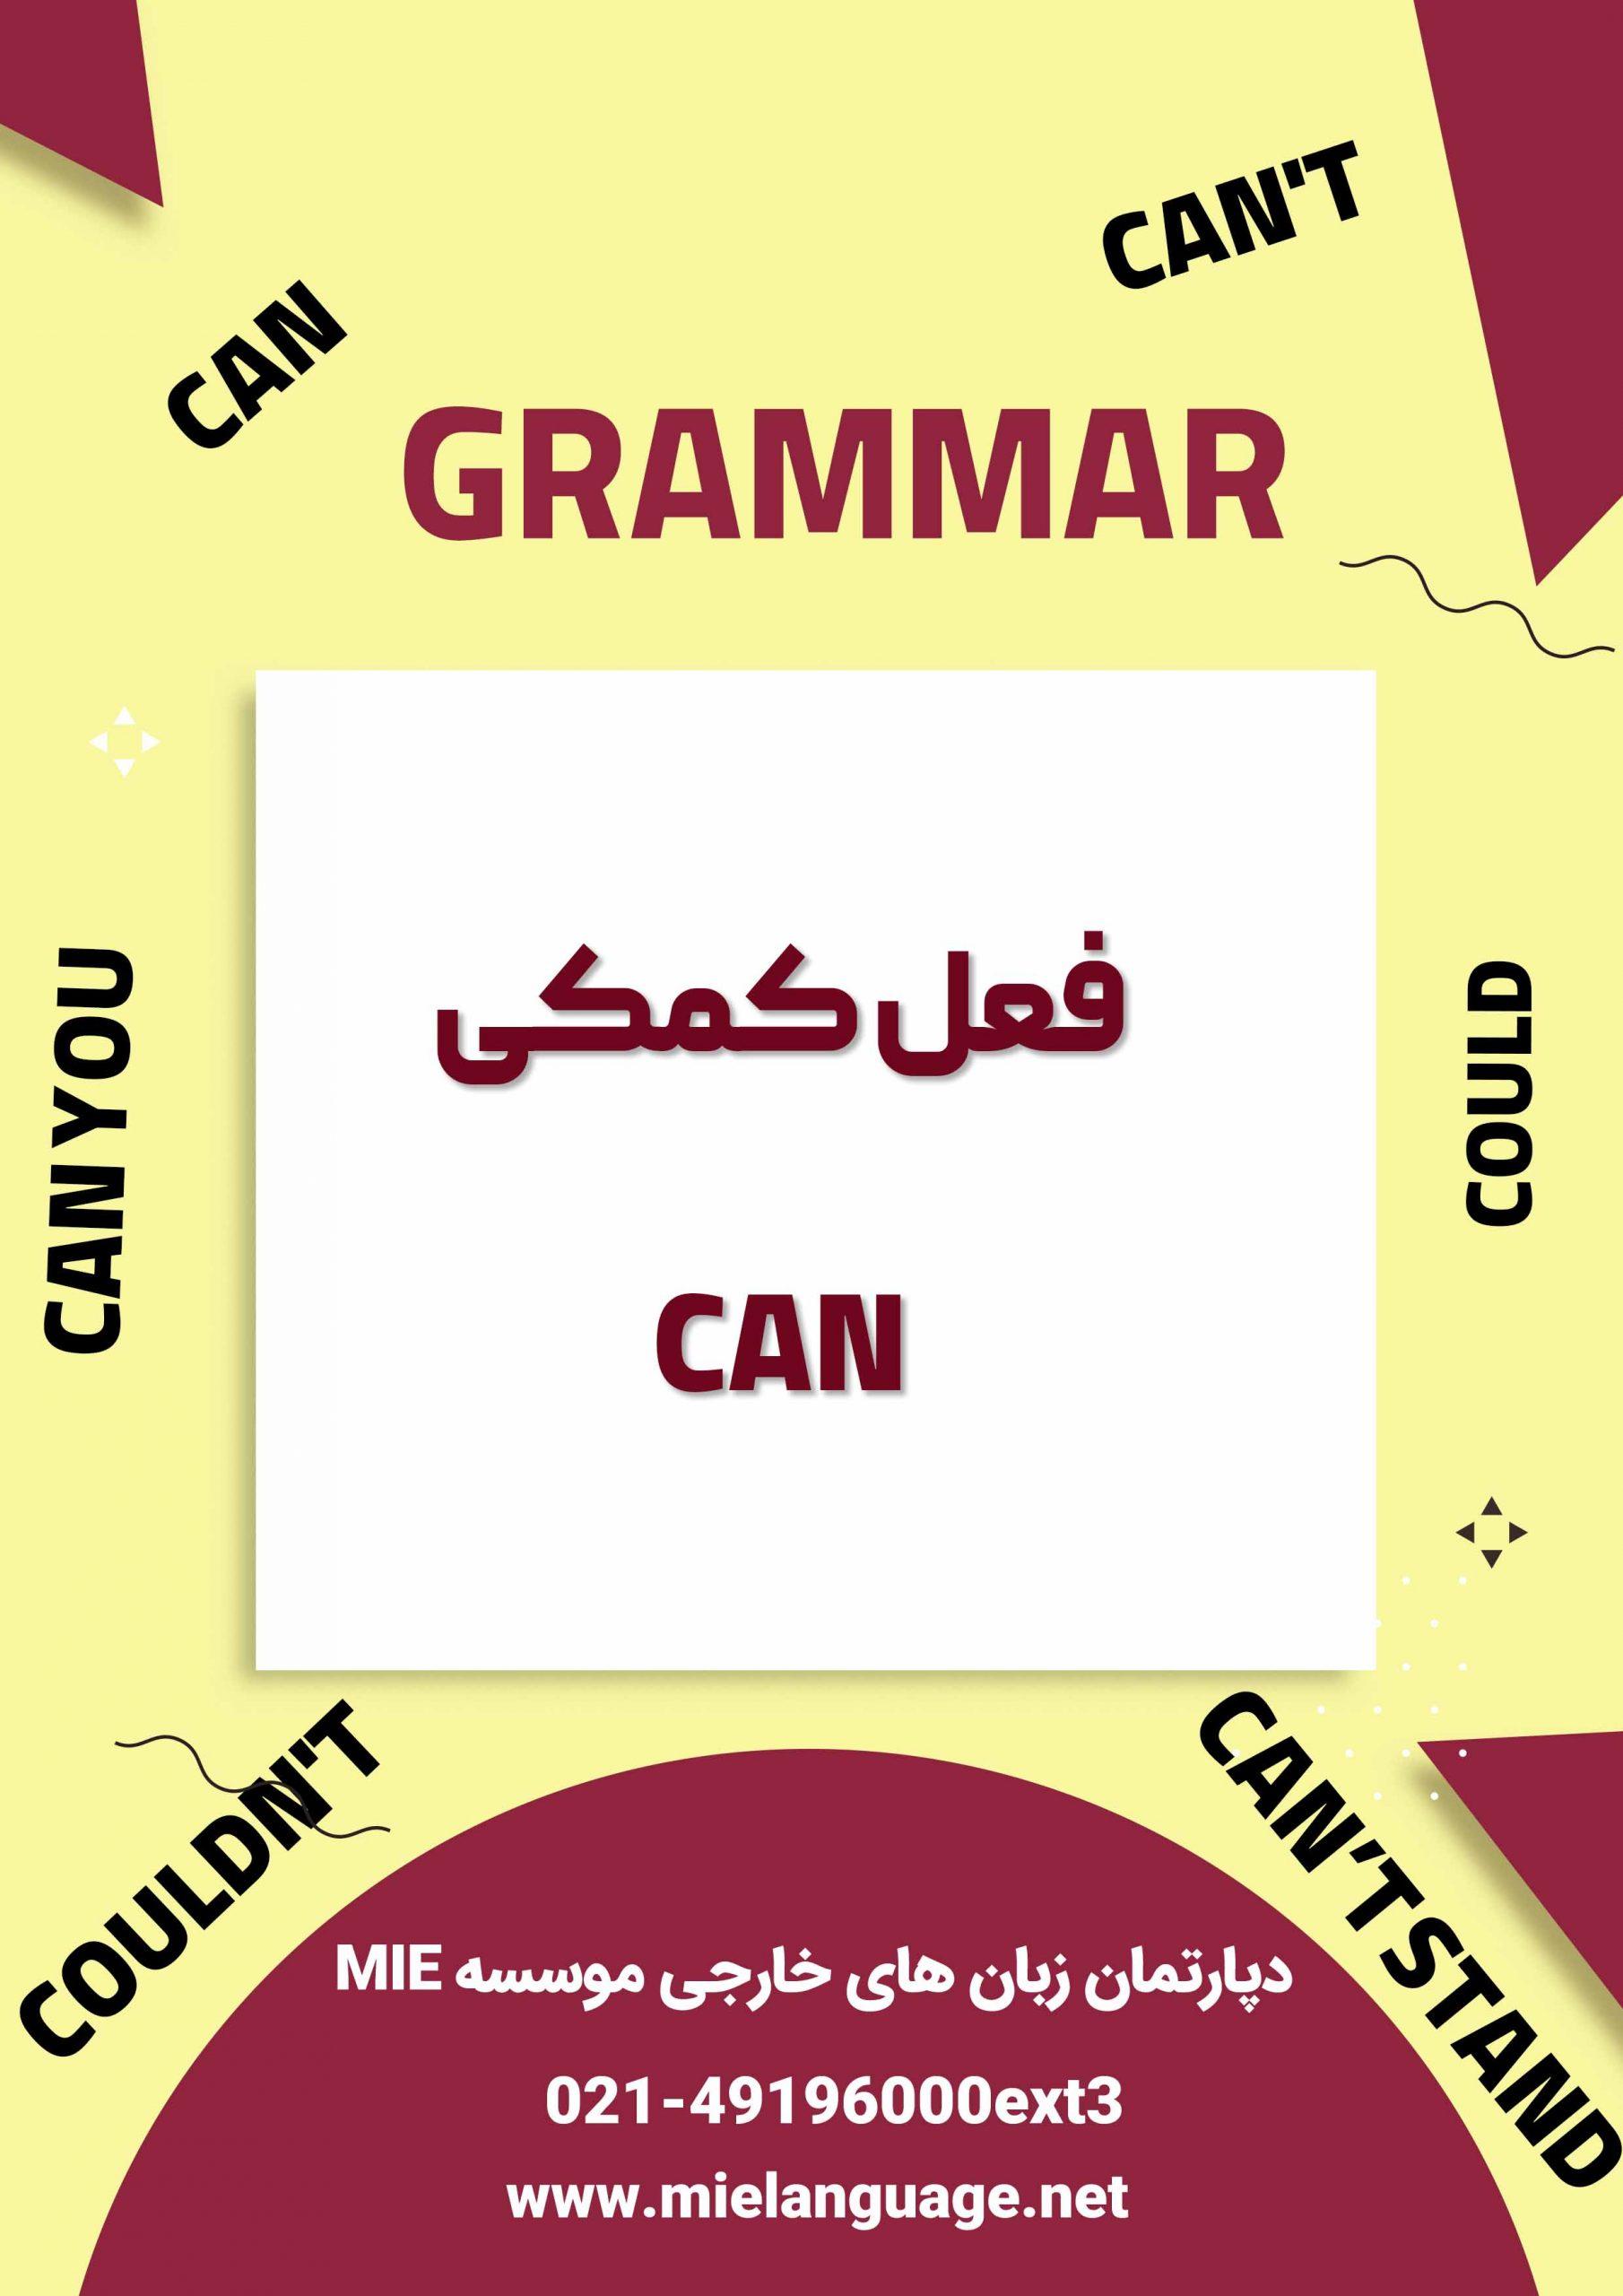 کاربرد فعل کمکی can در زبان انگلیسی